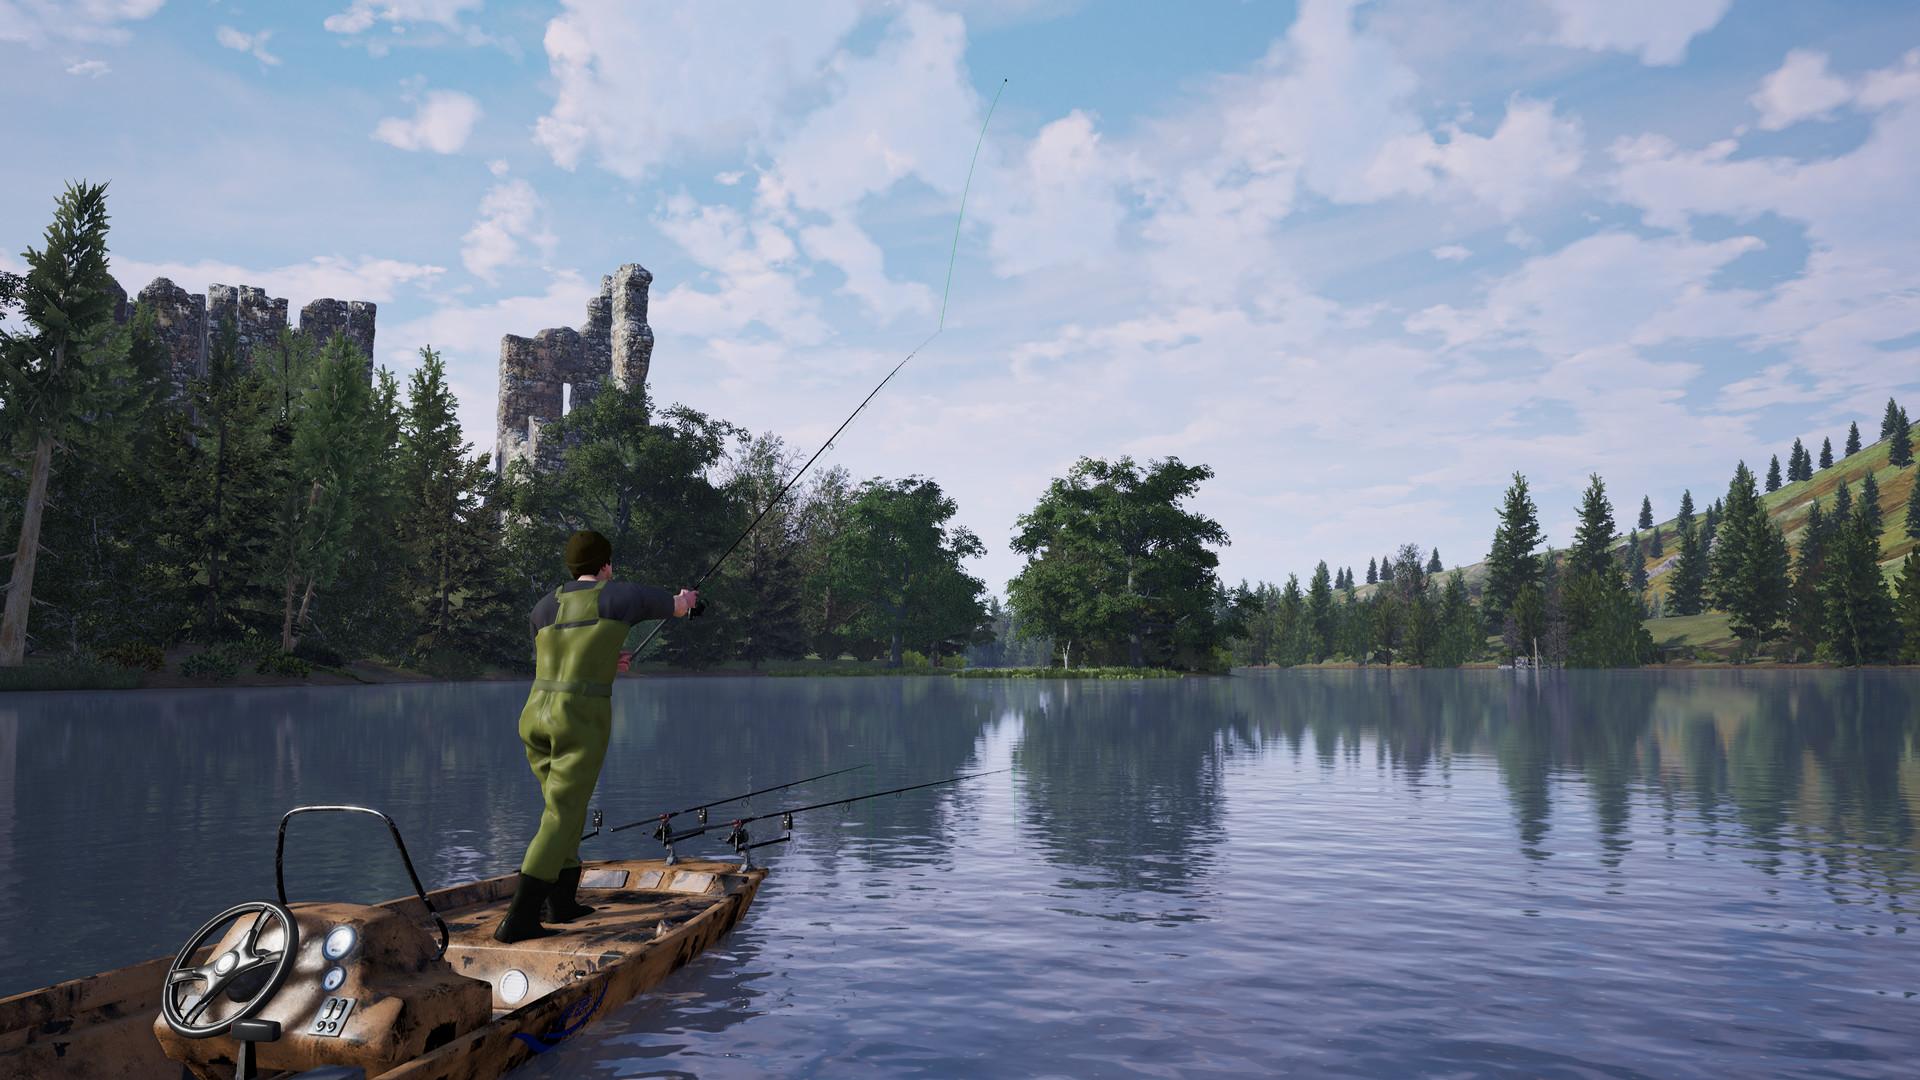 捕获物:鲤鱼和大鱼图片